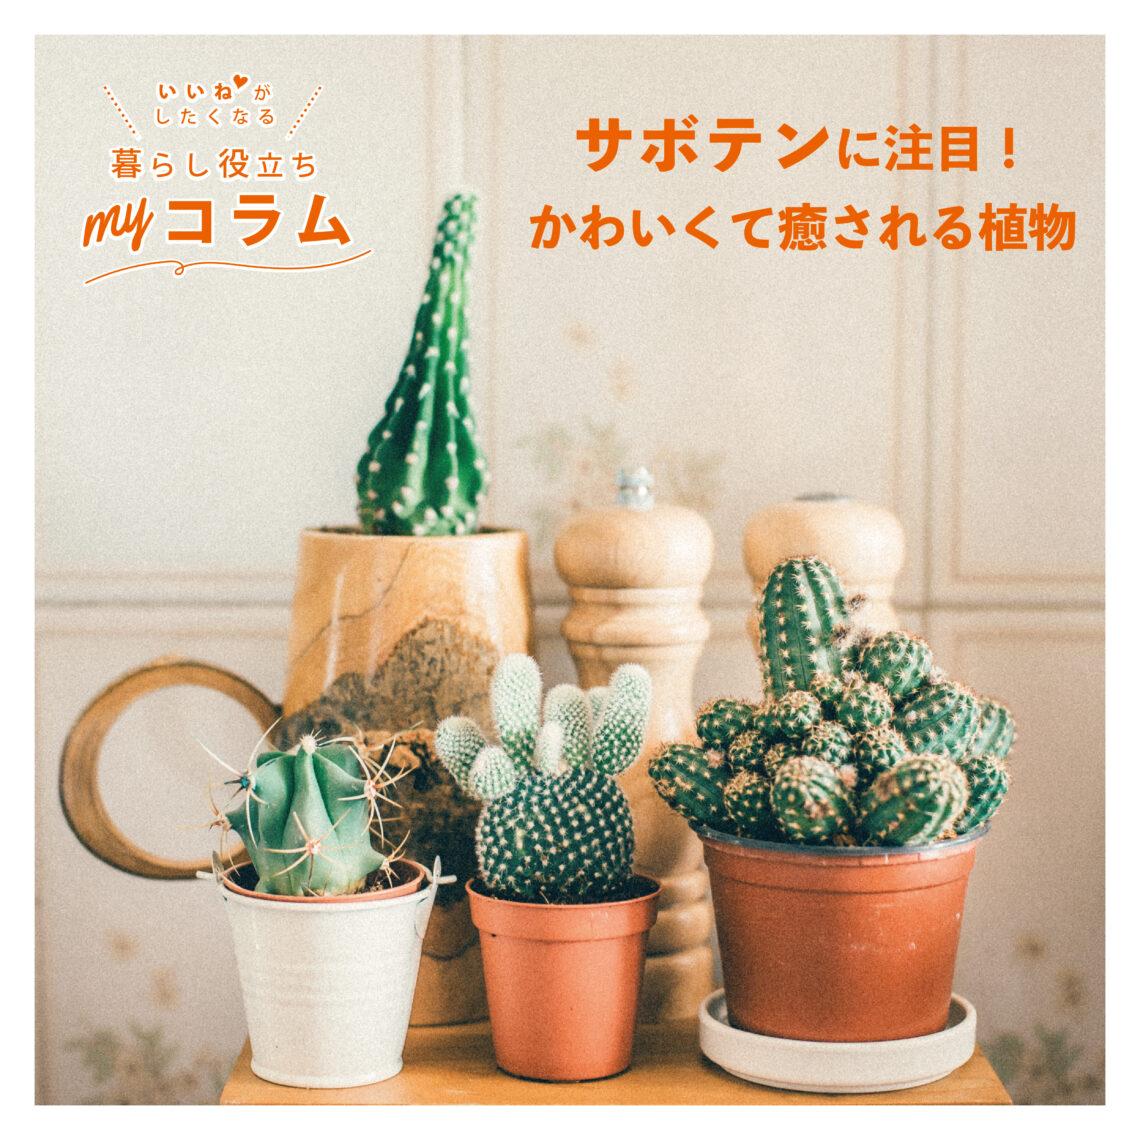 サボテンに注目🌵かわいくて癒される植物